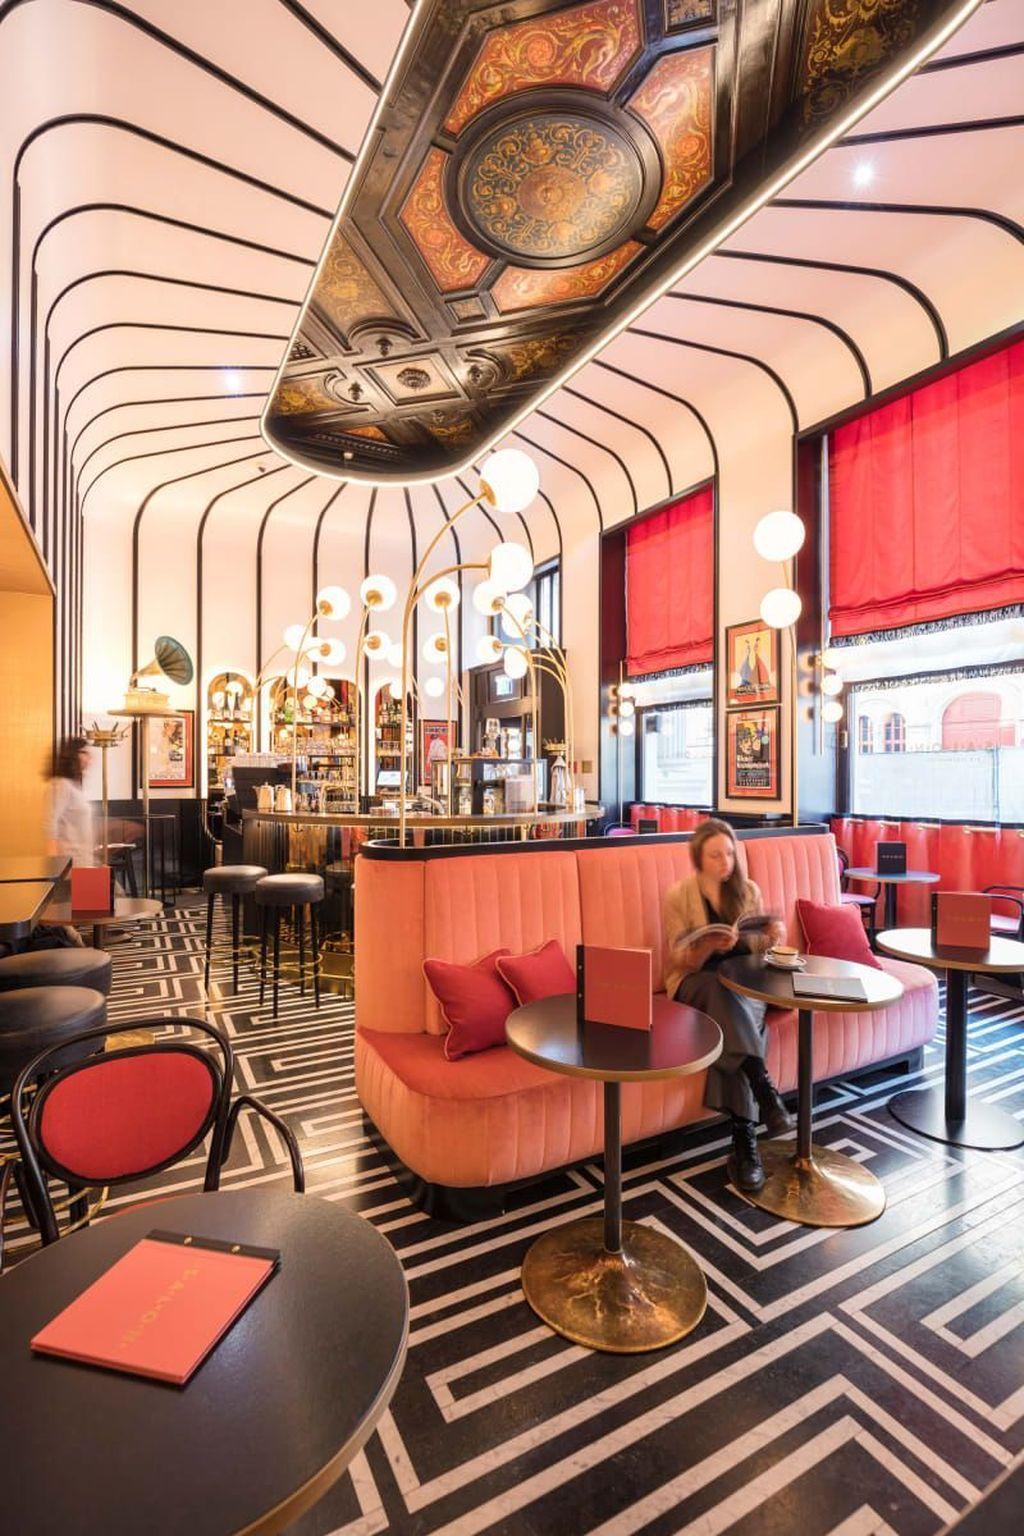 32 The Best Art Deco Interior Design Ideas Art Deco Interior Design Interior Deco Art Deco Interior